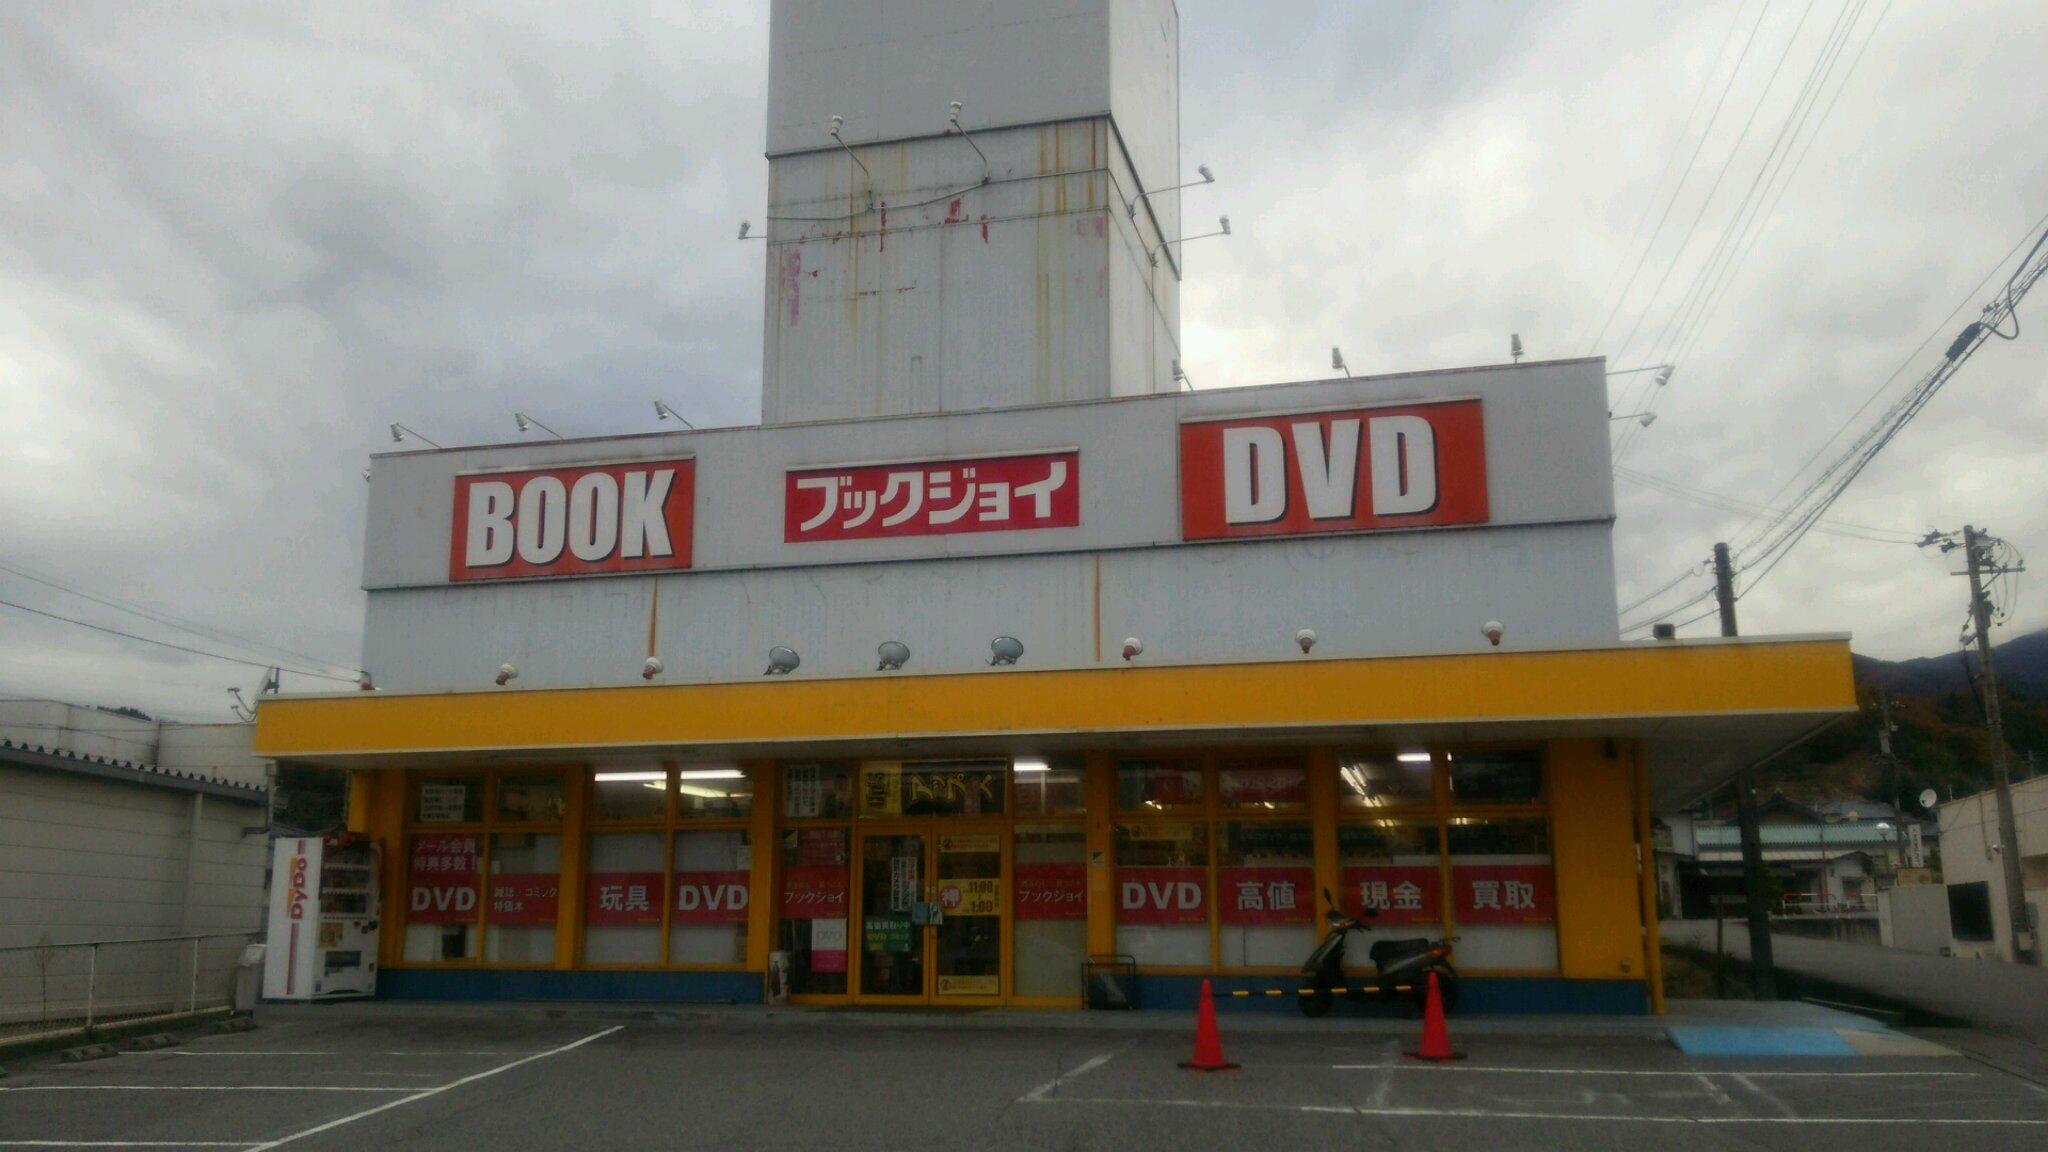 ブックジョイ飯田店の店舗イメージ